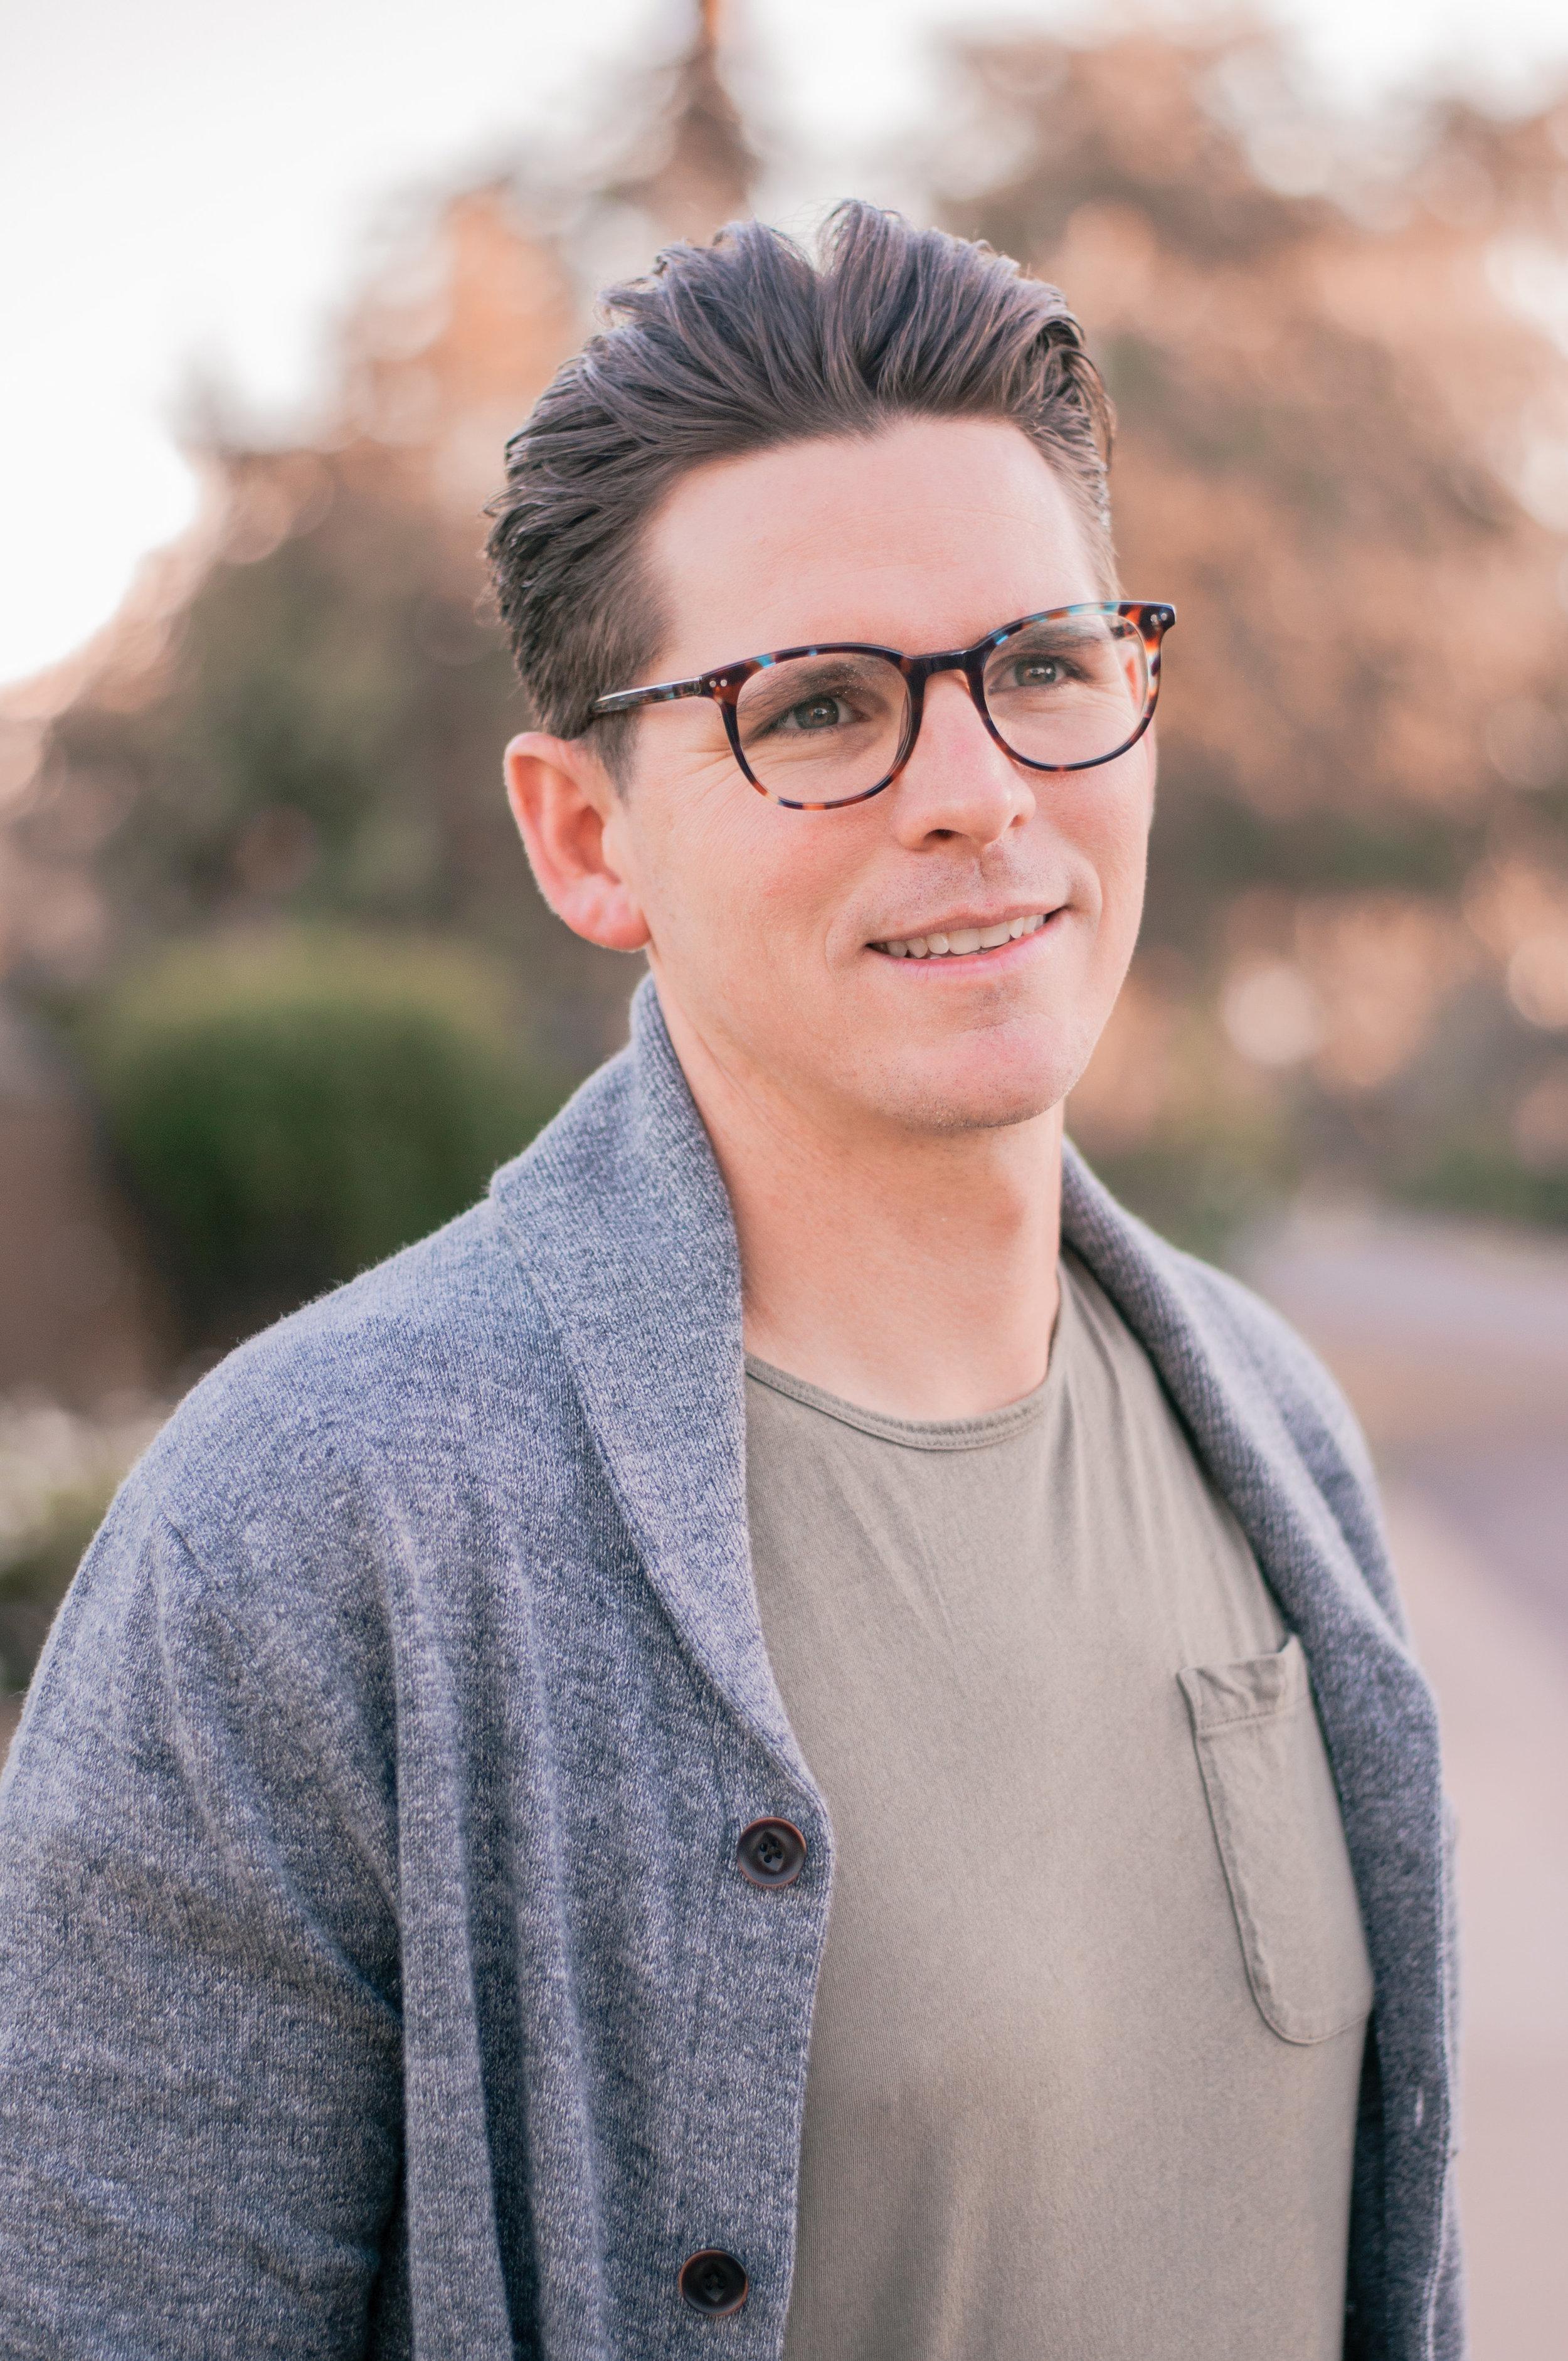 Cool affordable prescription glasses online for men